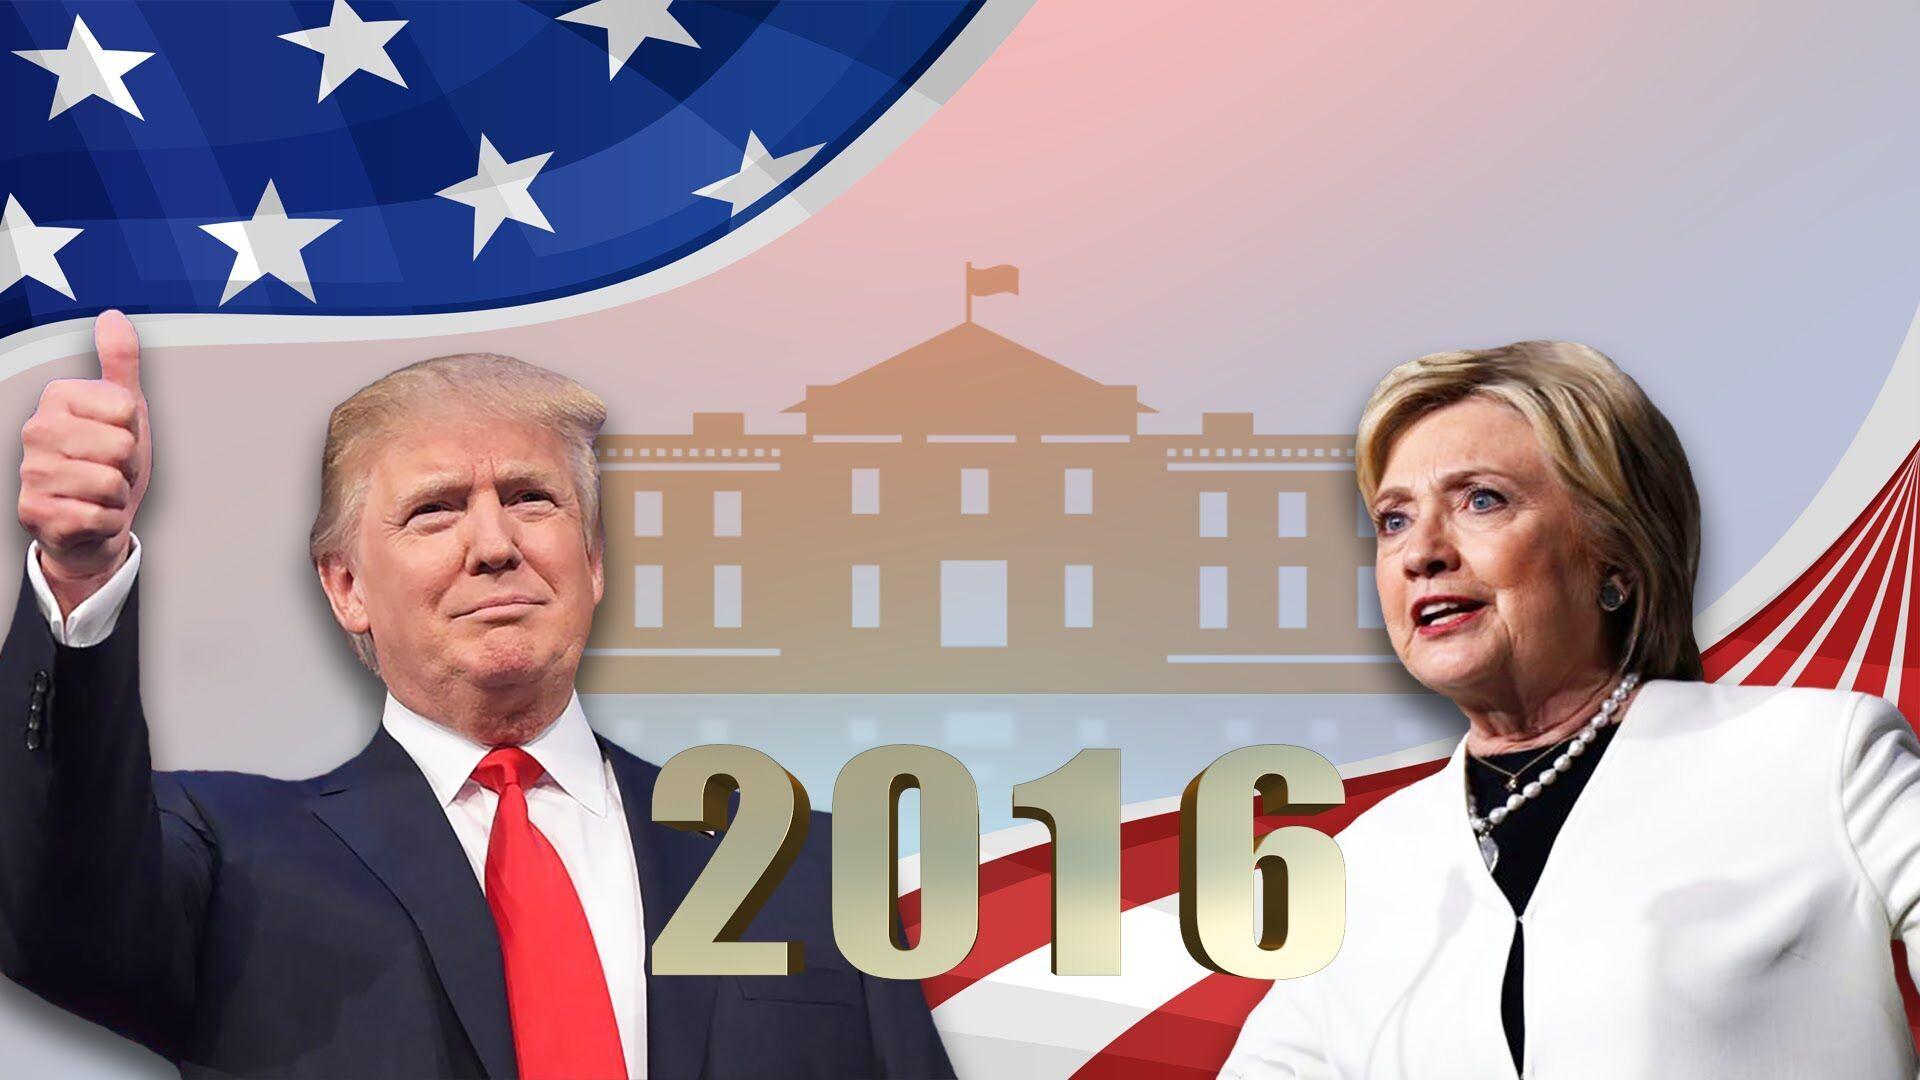 9月26日的美国大选辩论:川普与希拉里精彩语录